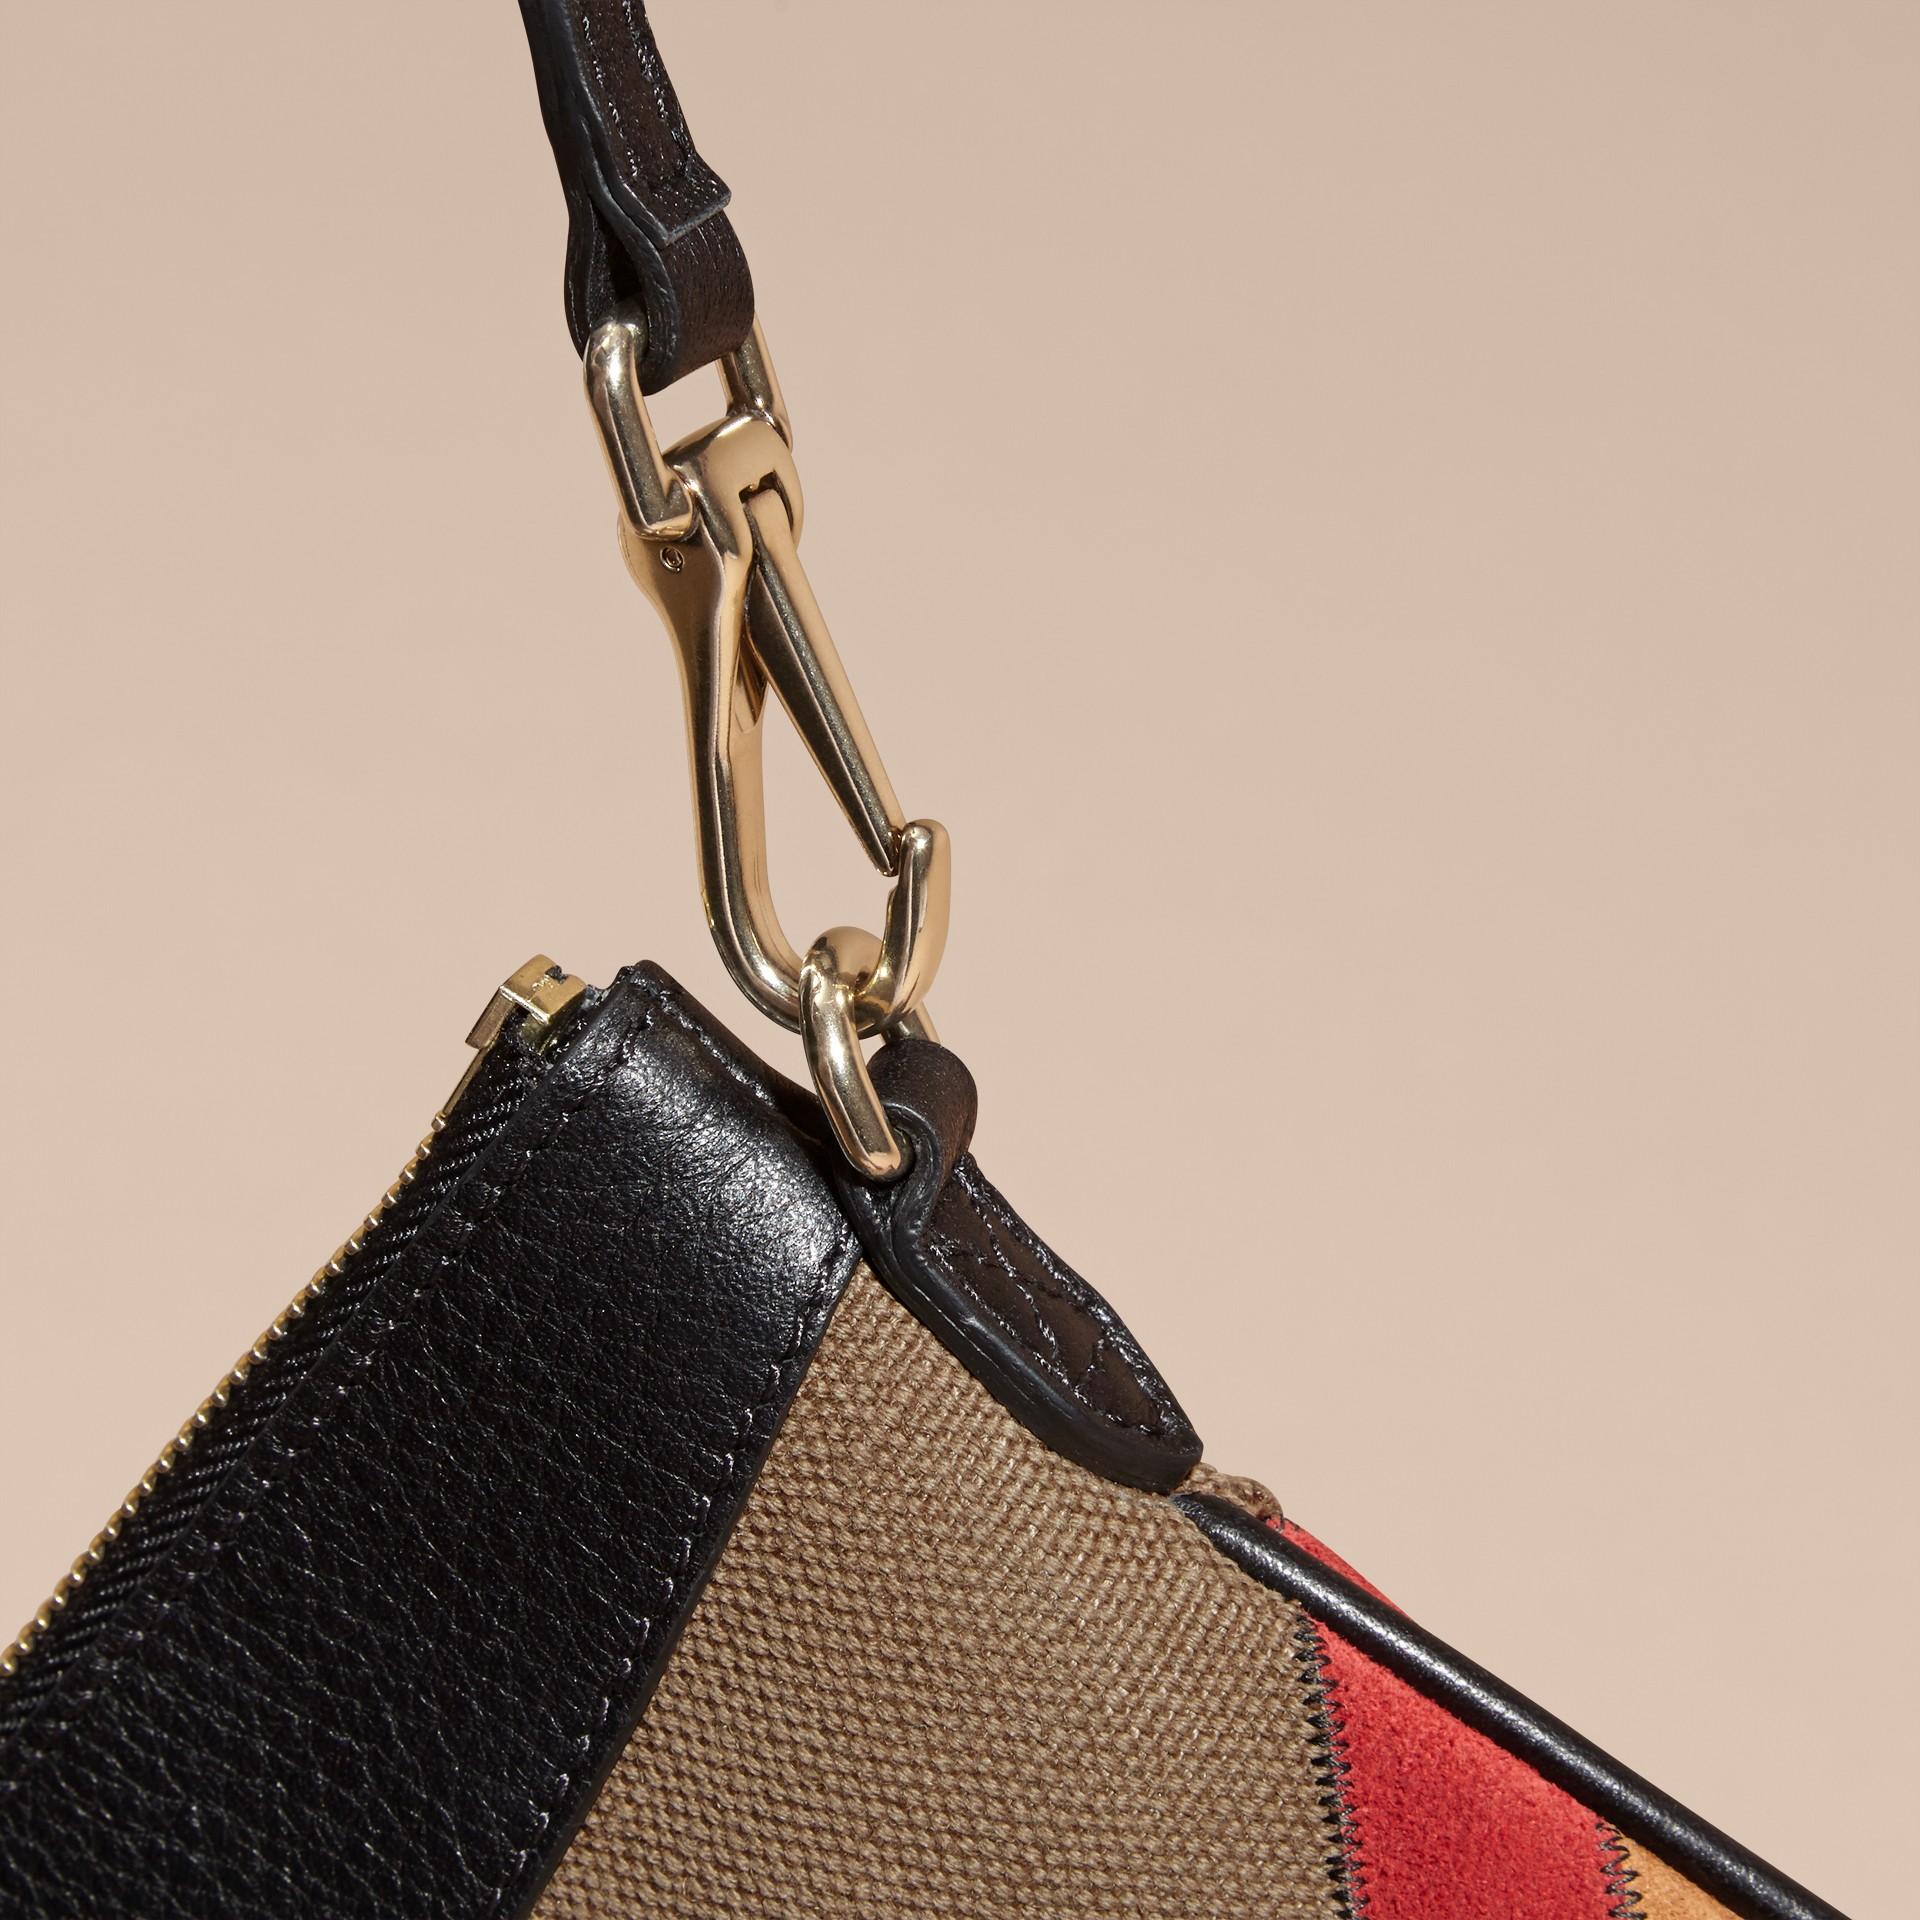 Nero Pochette in patchwork di pelle, pelle scamosciata, iuta e cotone con motivo tartan - immagine della galleria 7